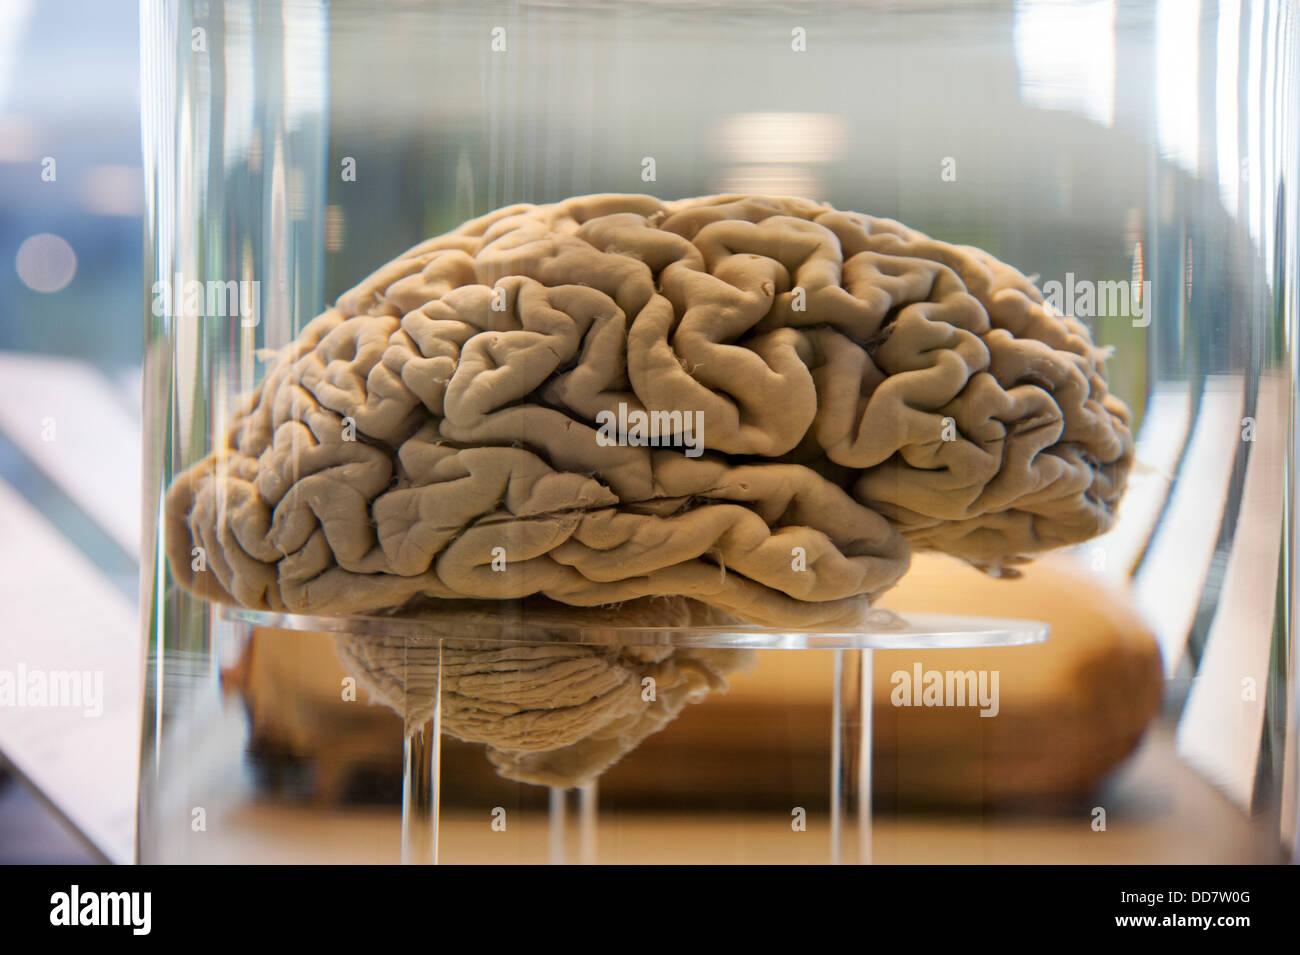 Cerebro Humano en un recipiente de vidrio lleno de líquido claro Foto de stock